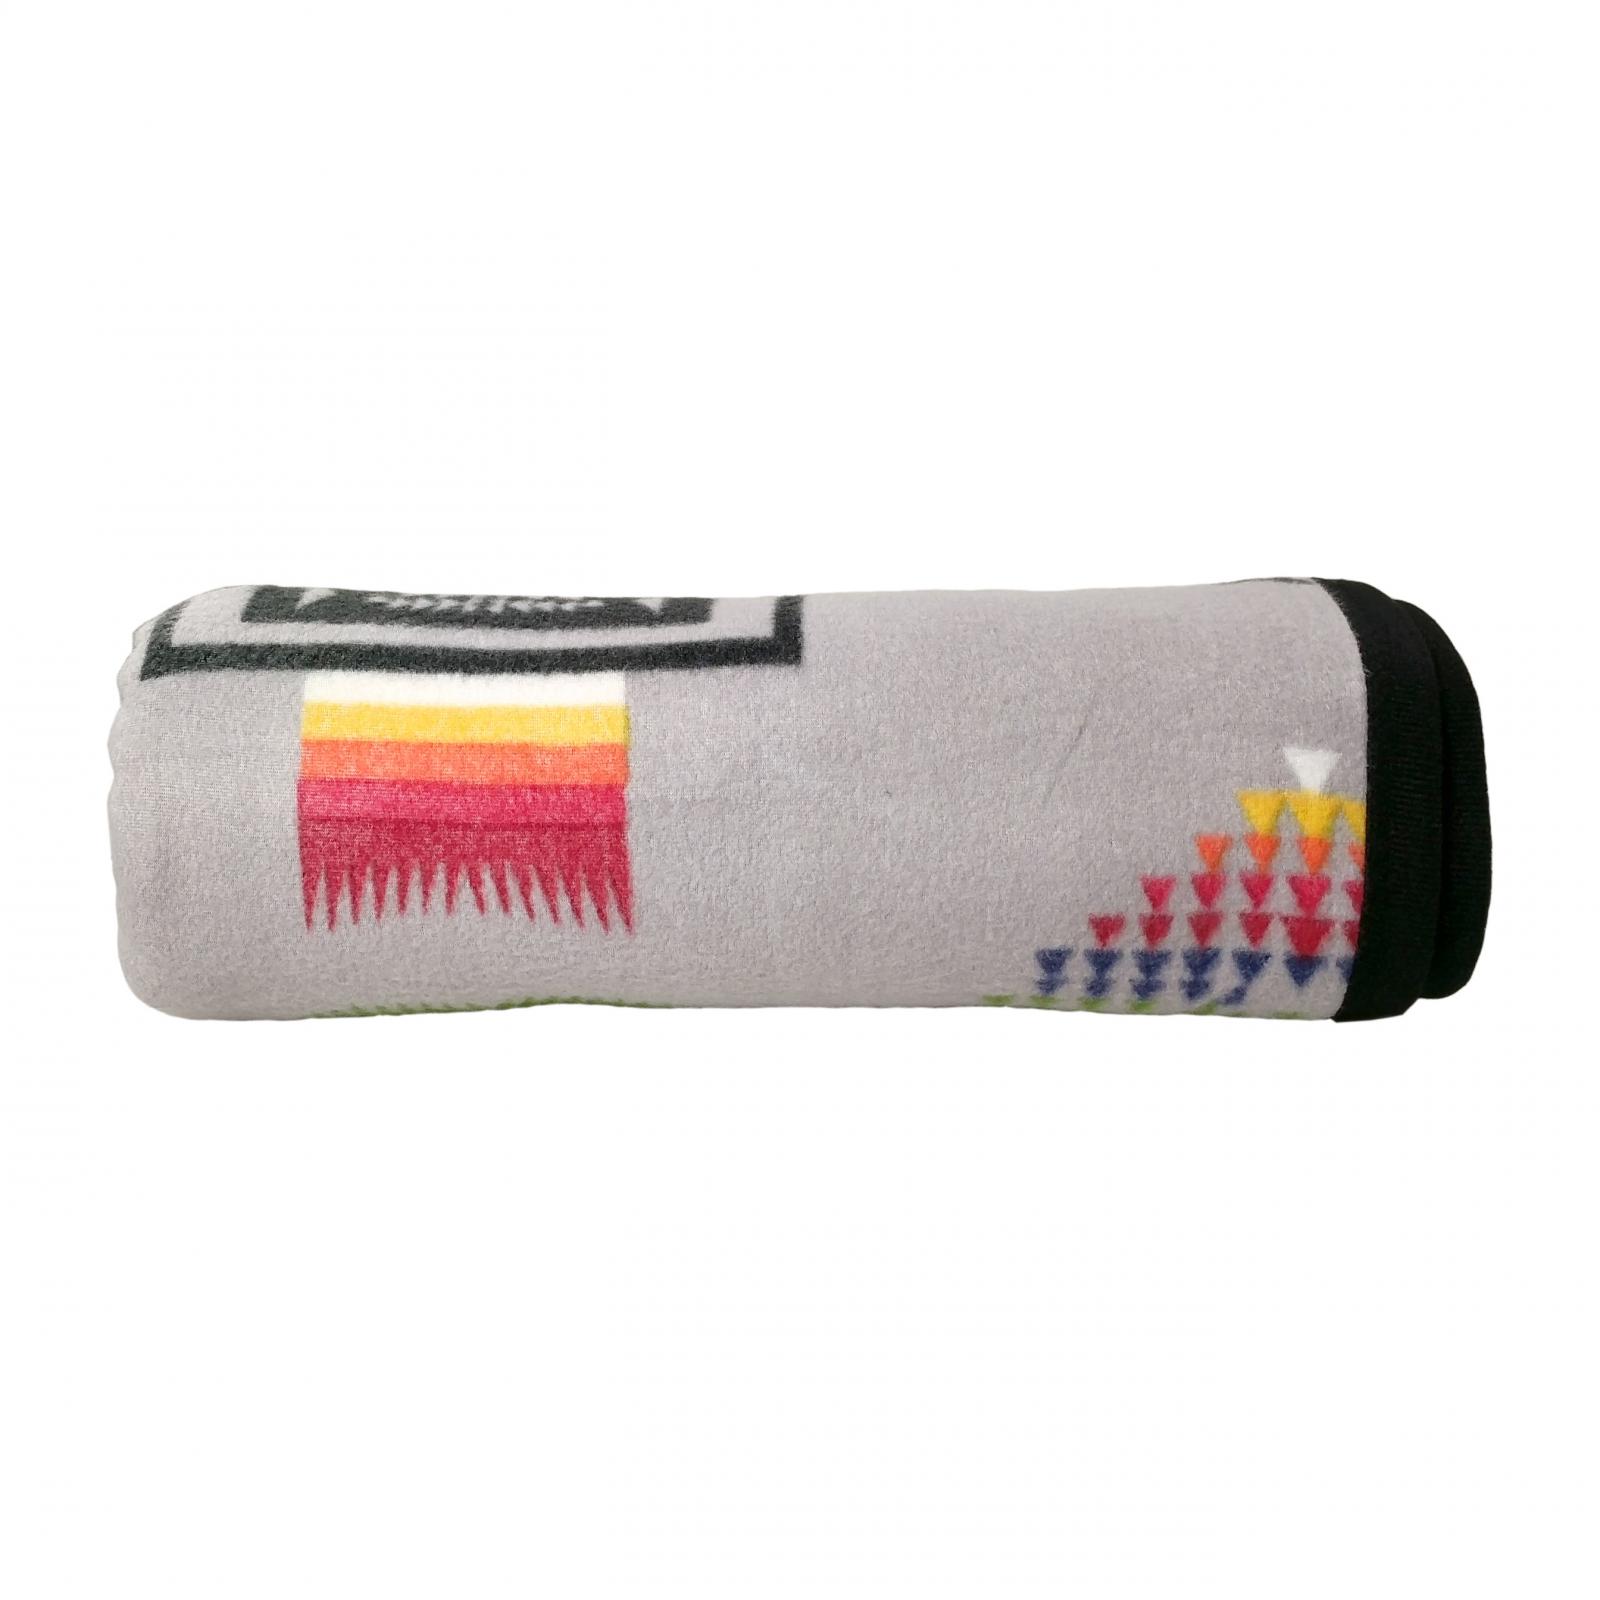 ASR Outdoor Southwest Style Soft Fleece Blanket - Grey